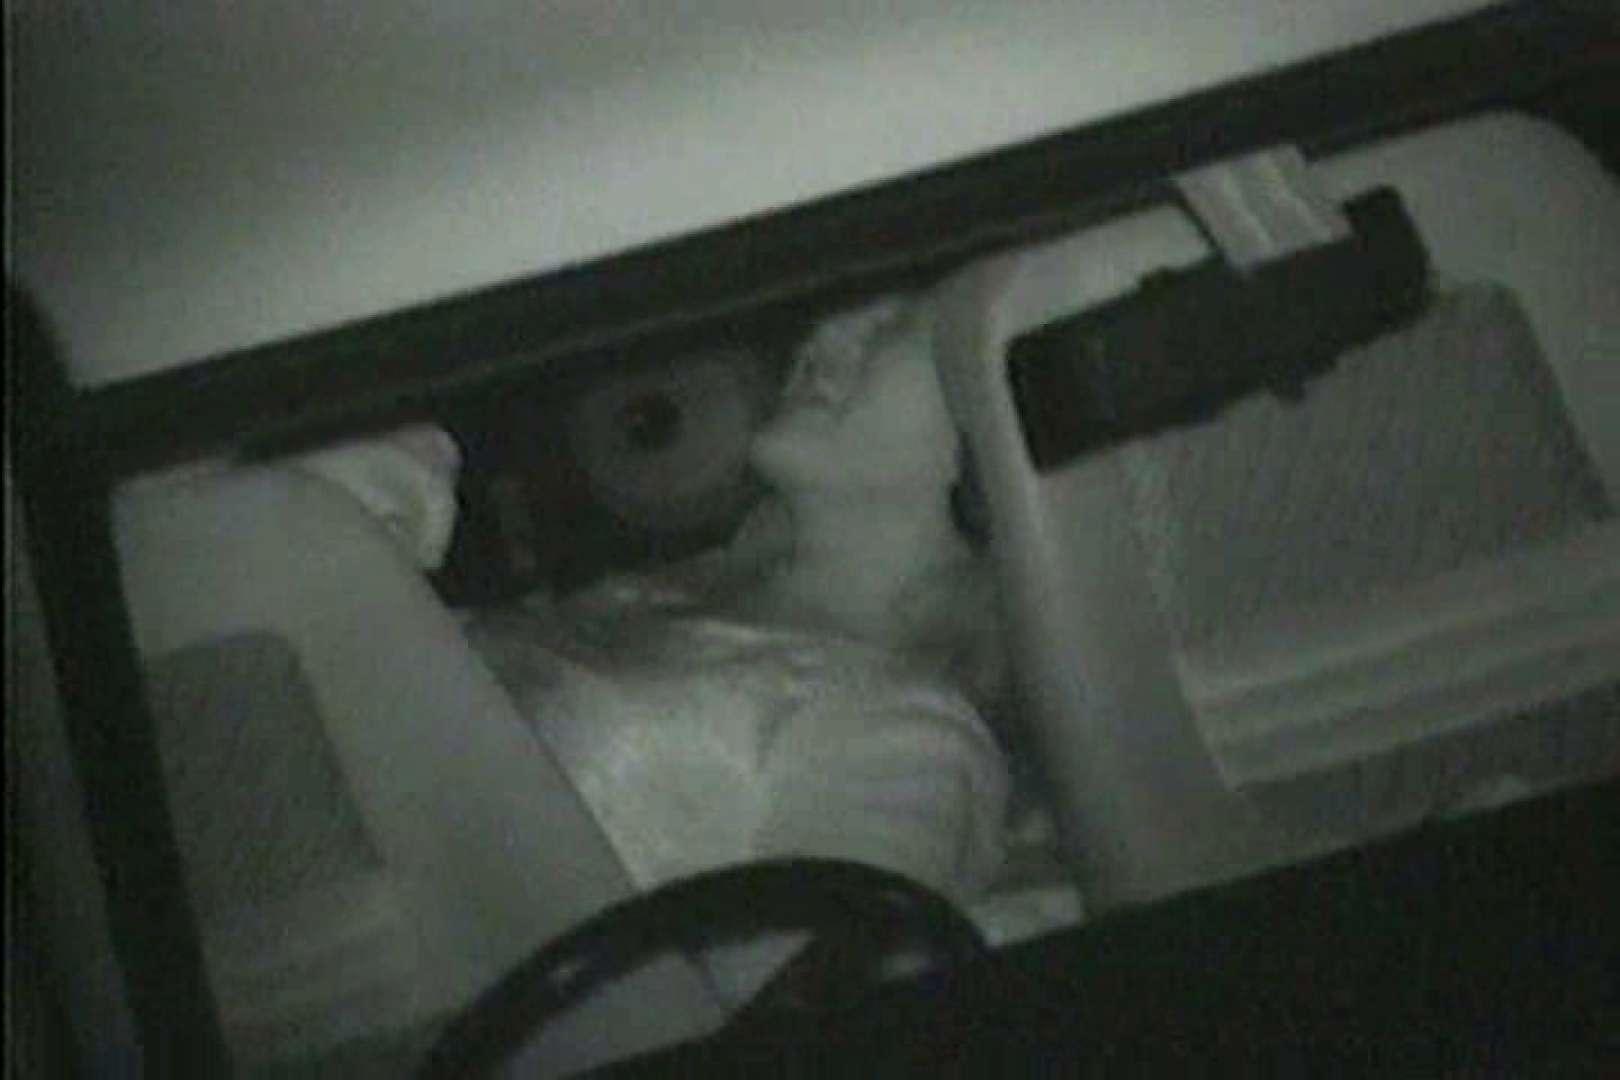 車の中はラブホテル 無修正版  Vol.10 カーセックス AV動画キャプチャ 87pic 7